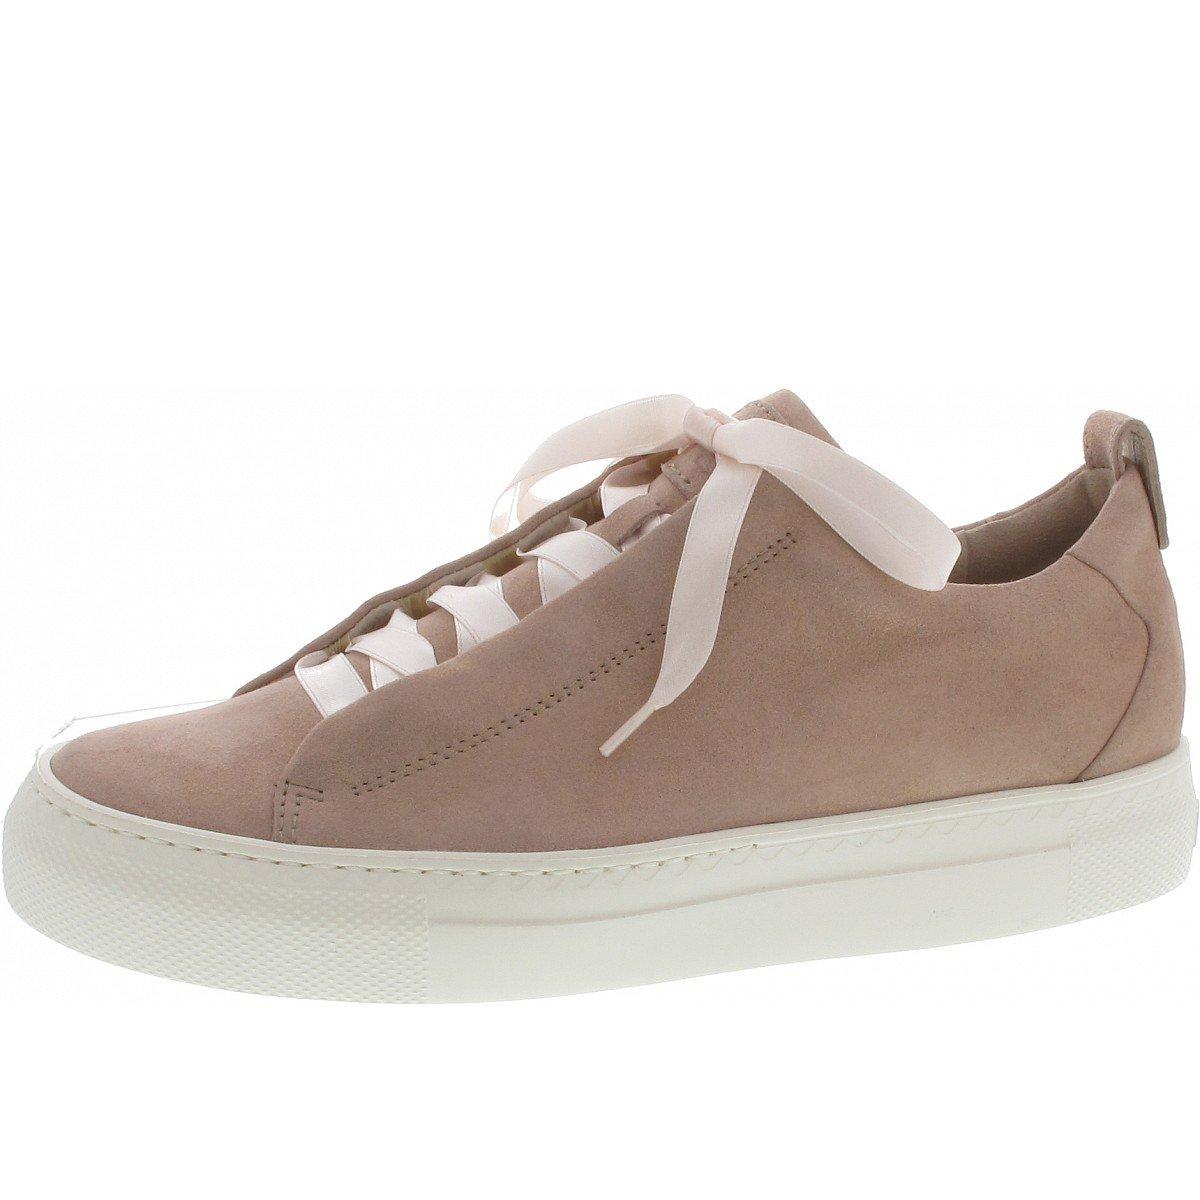 Paul Grün Damen Braun Sneaker 4554-102 Braun Damen 380092 Braun f862b9